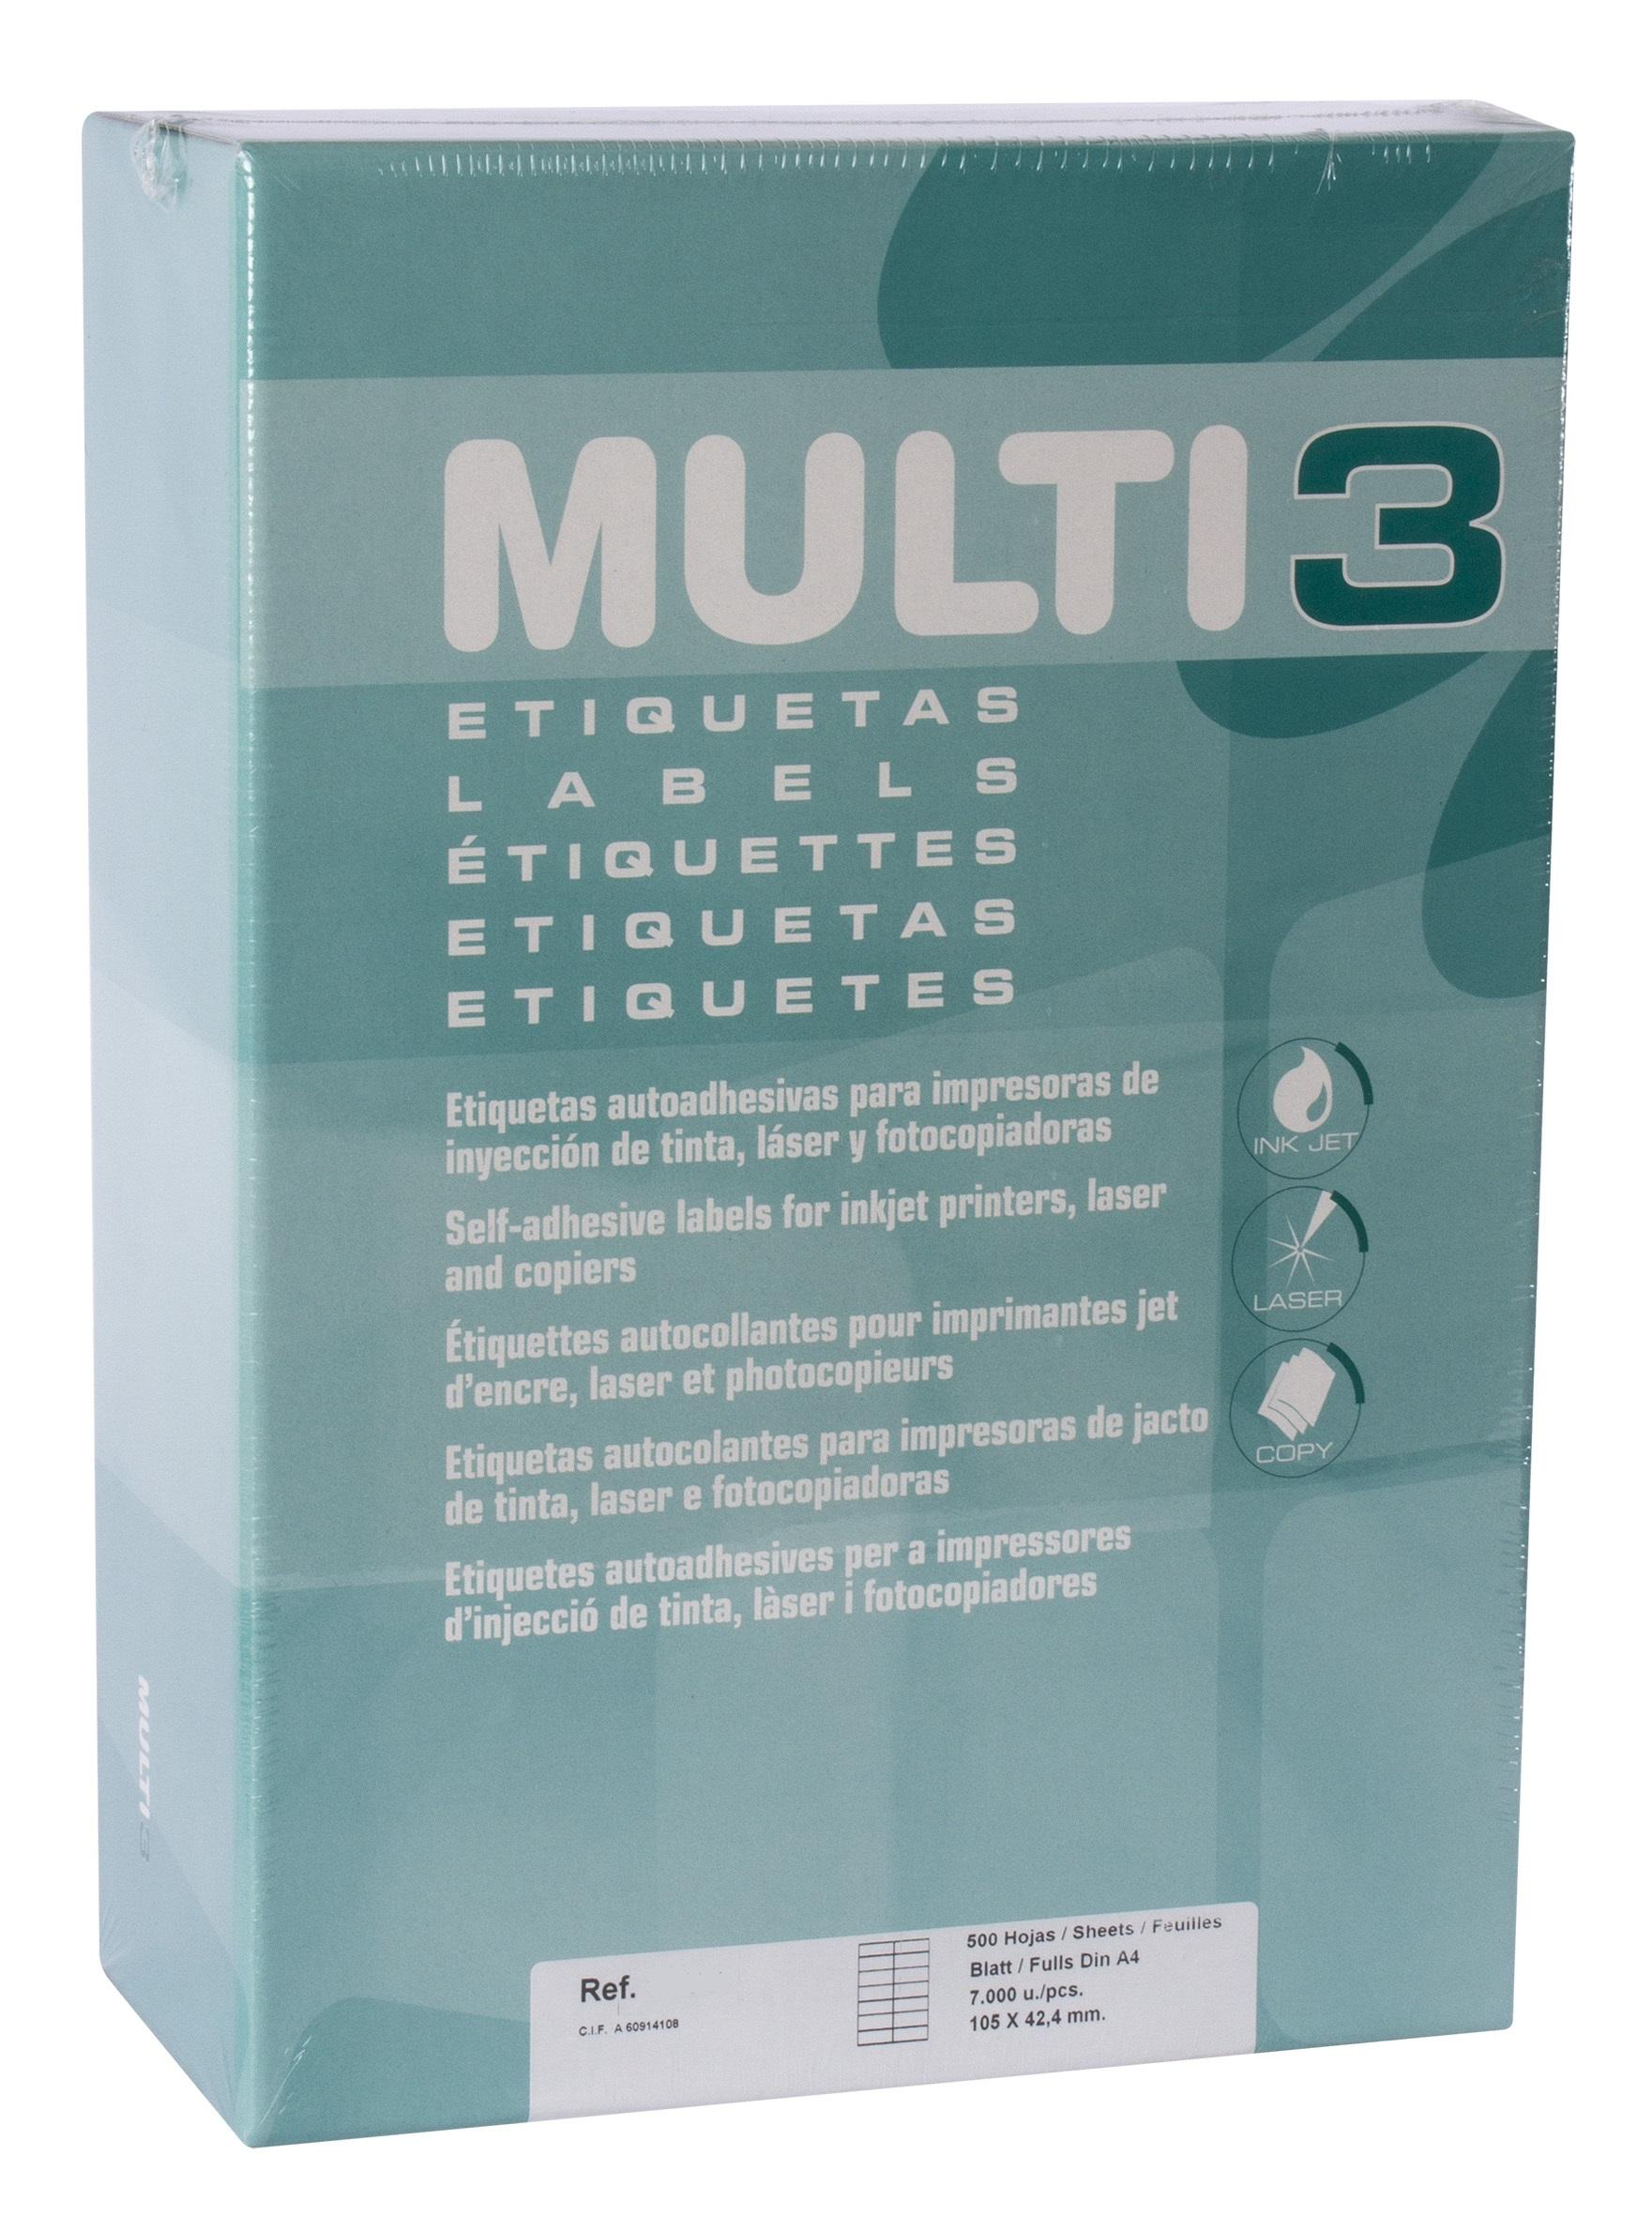 Caja etiquetas Multi3 500h 105X35